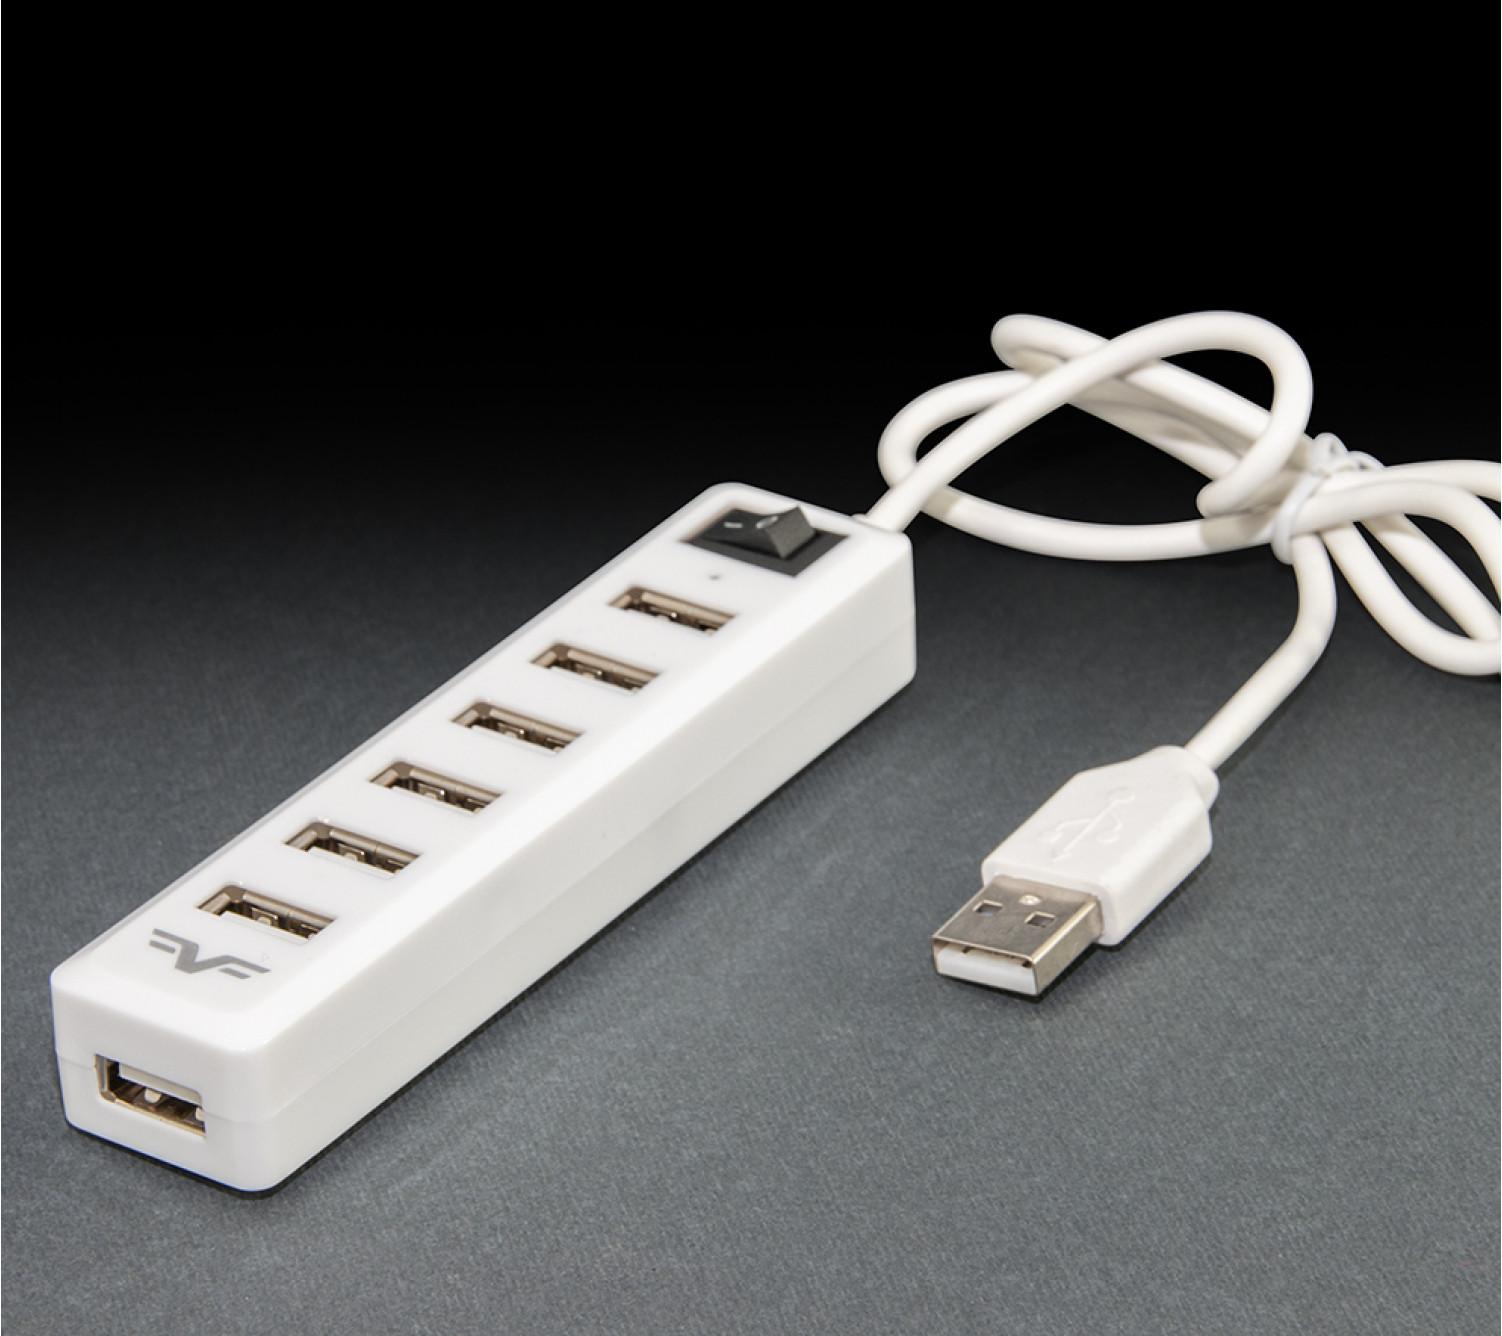 USB-хаб Frime 7-ми портовый 2.0 White (FH-20041)